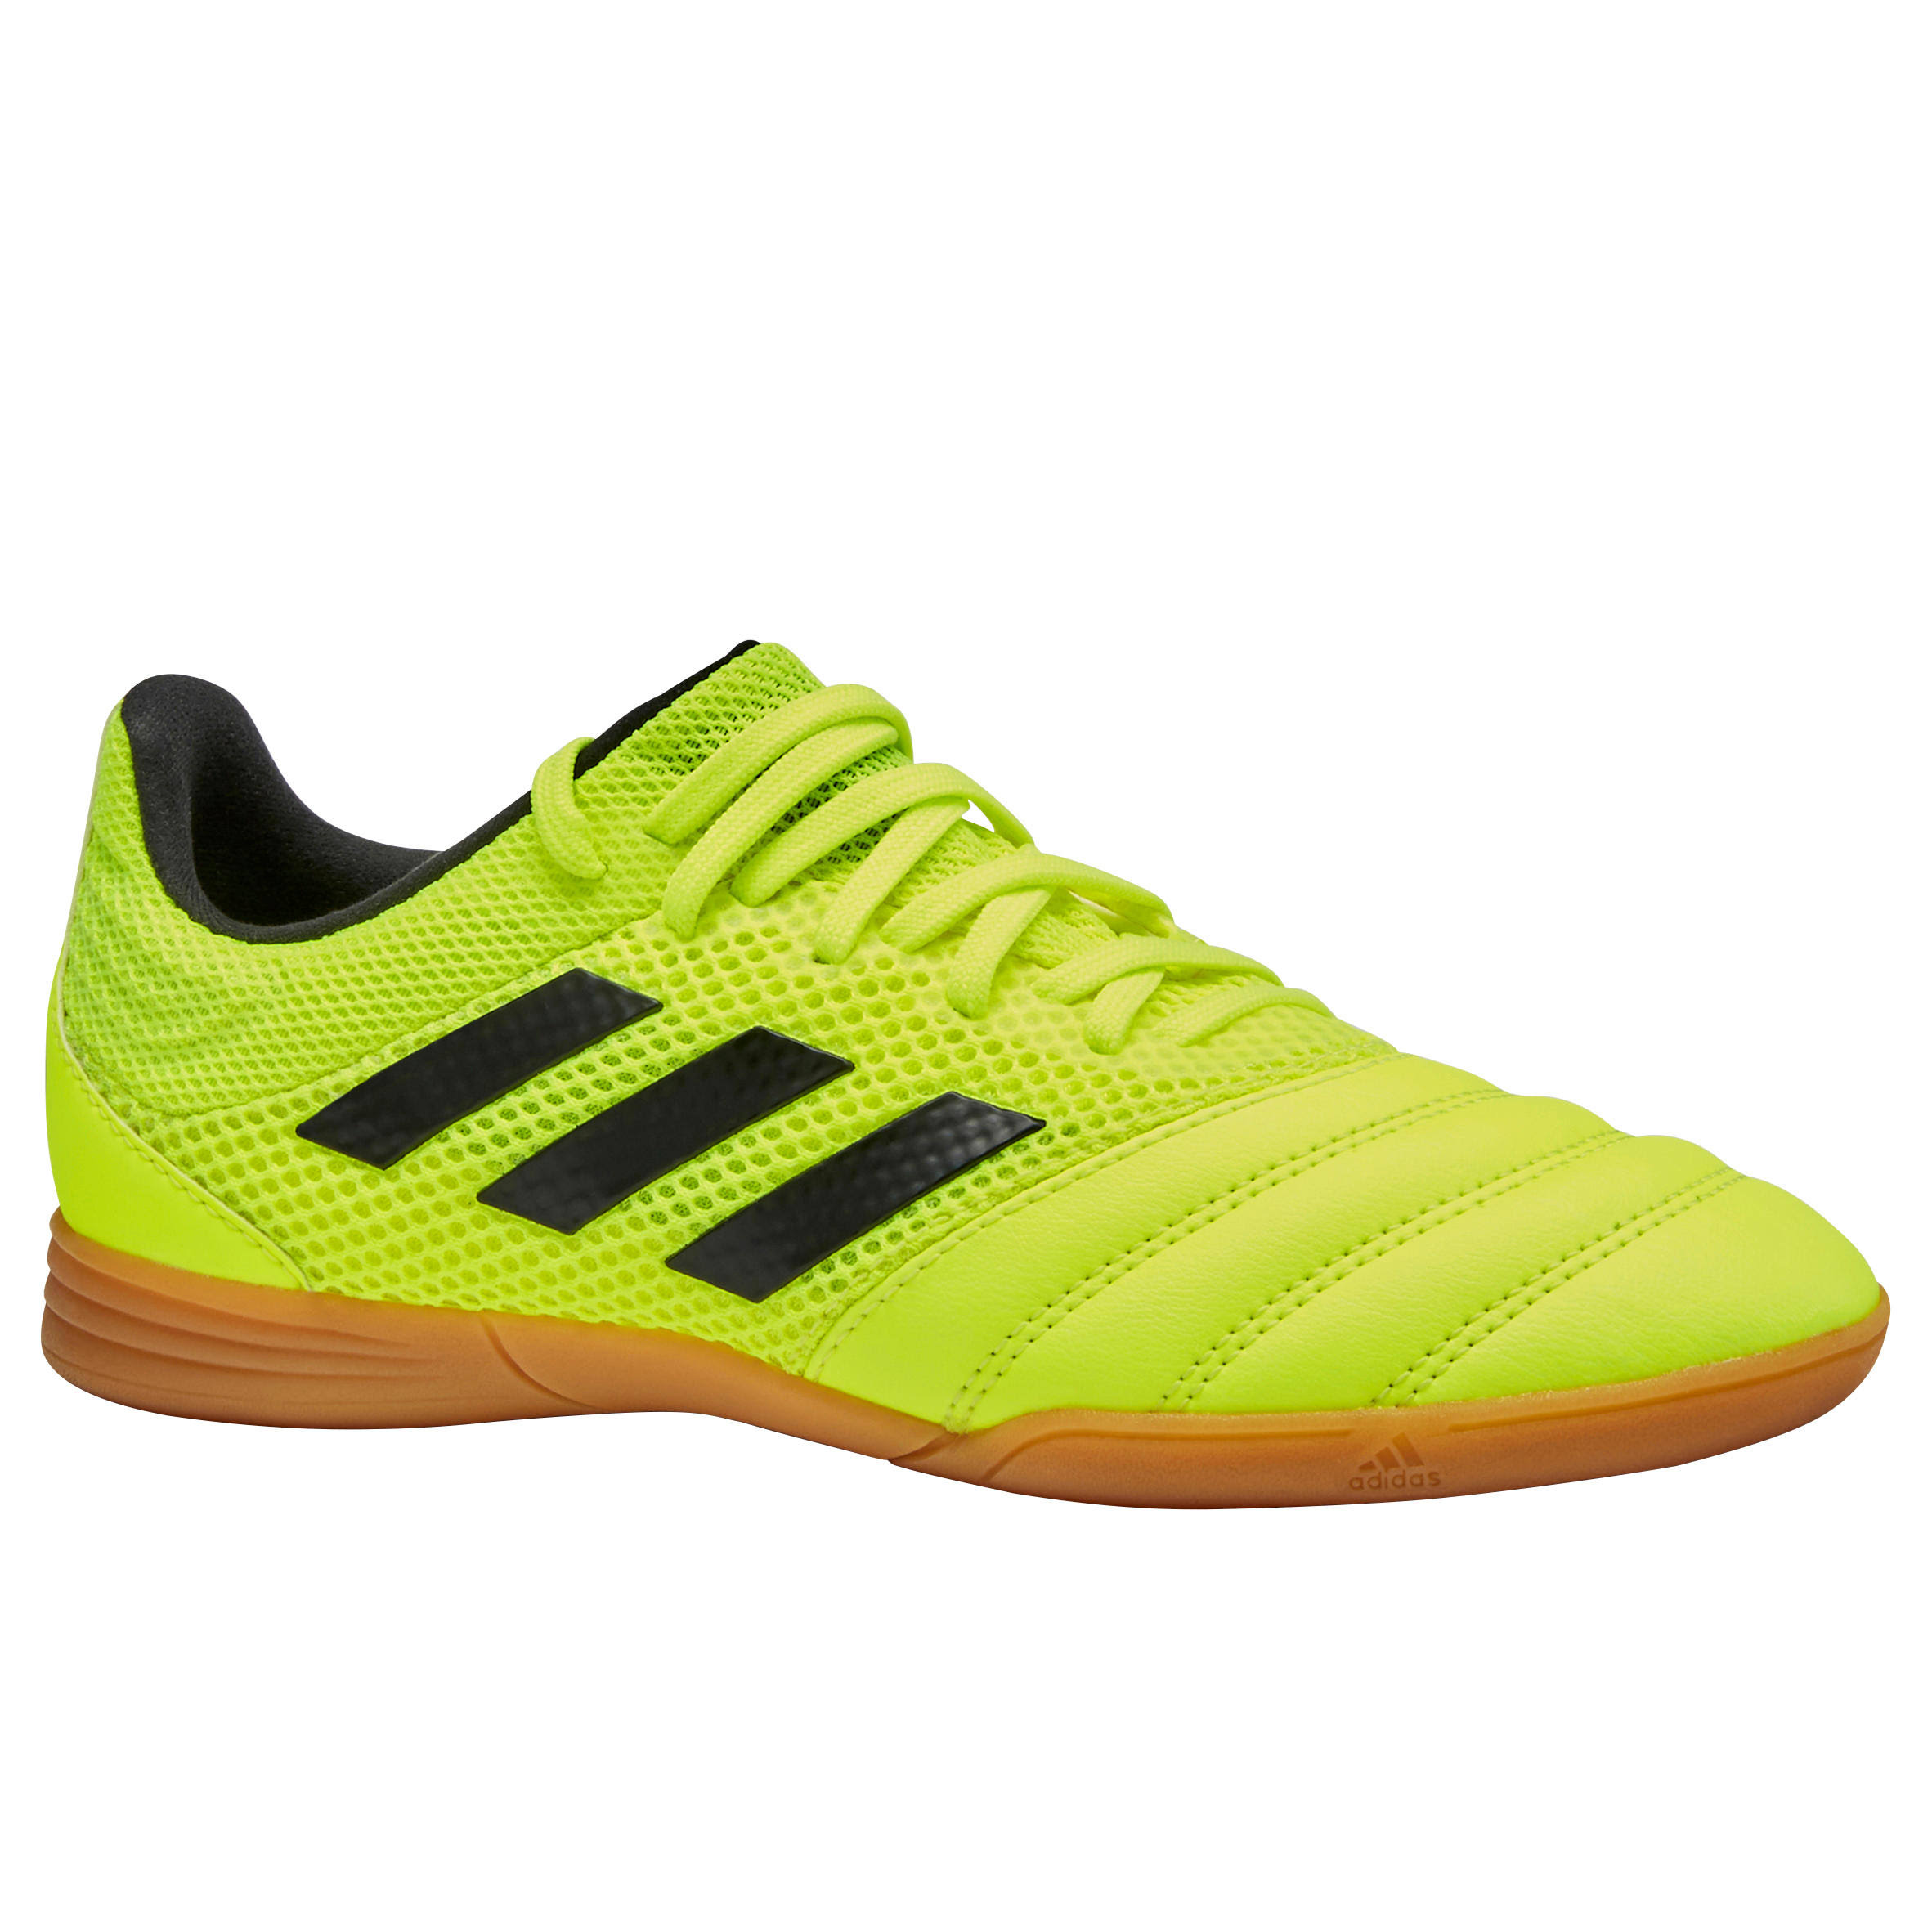 Adidas Performance Copa 19.3 Indoor Sala Boots - Solar Yellow